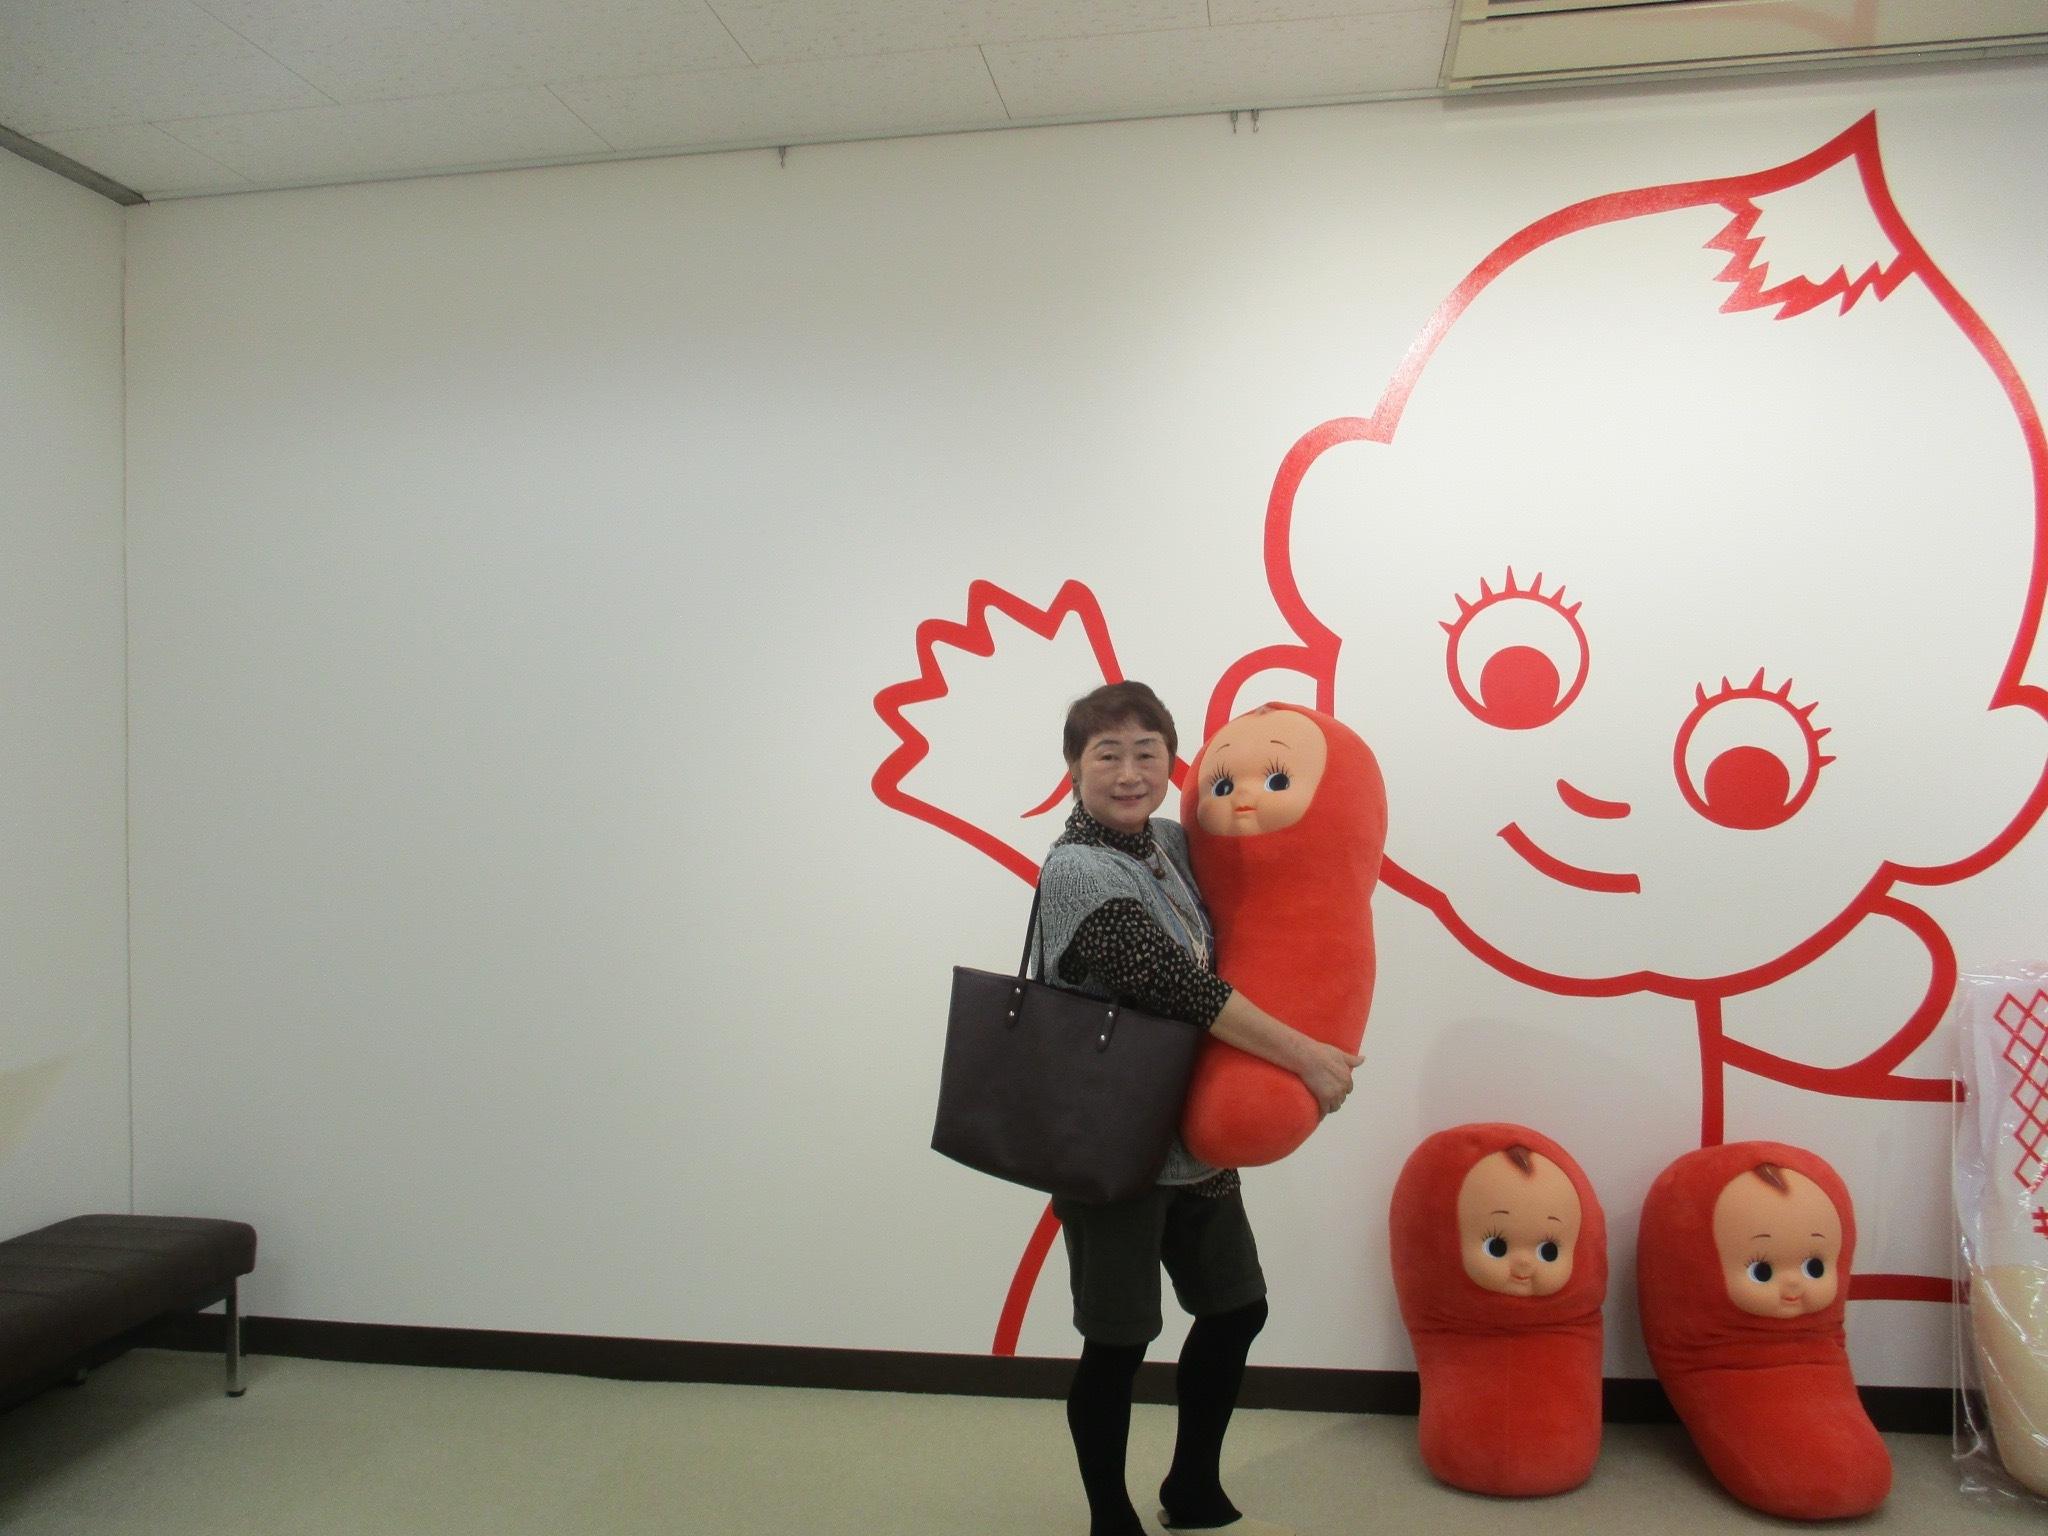 富士吉田方面へバス旅行     3月12日_d0127634_11582284.jpg